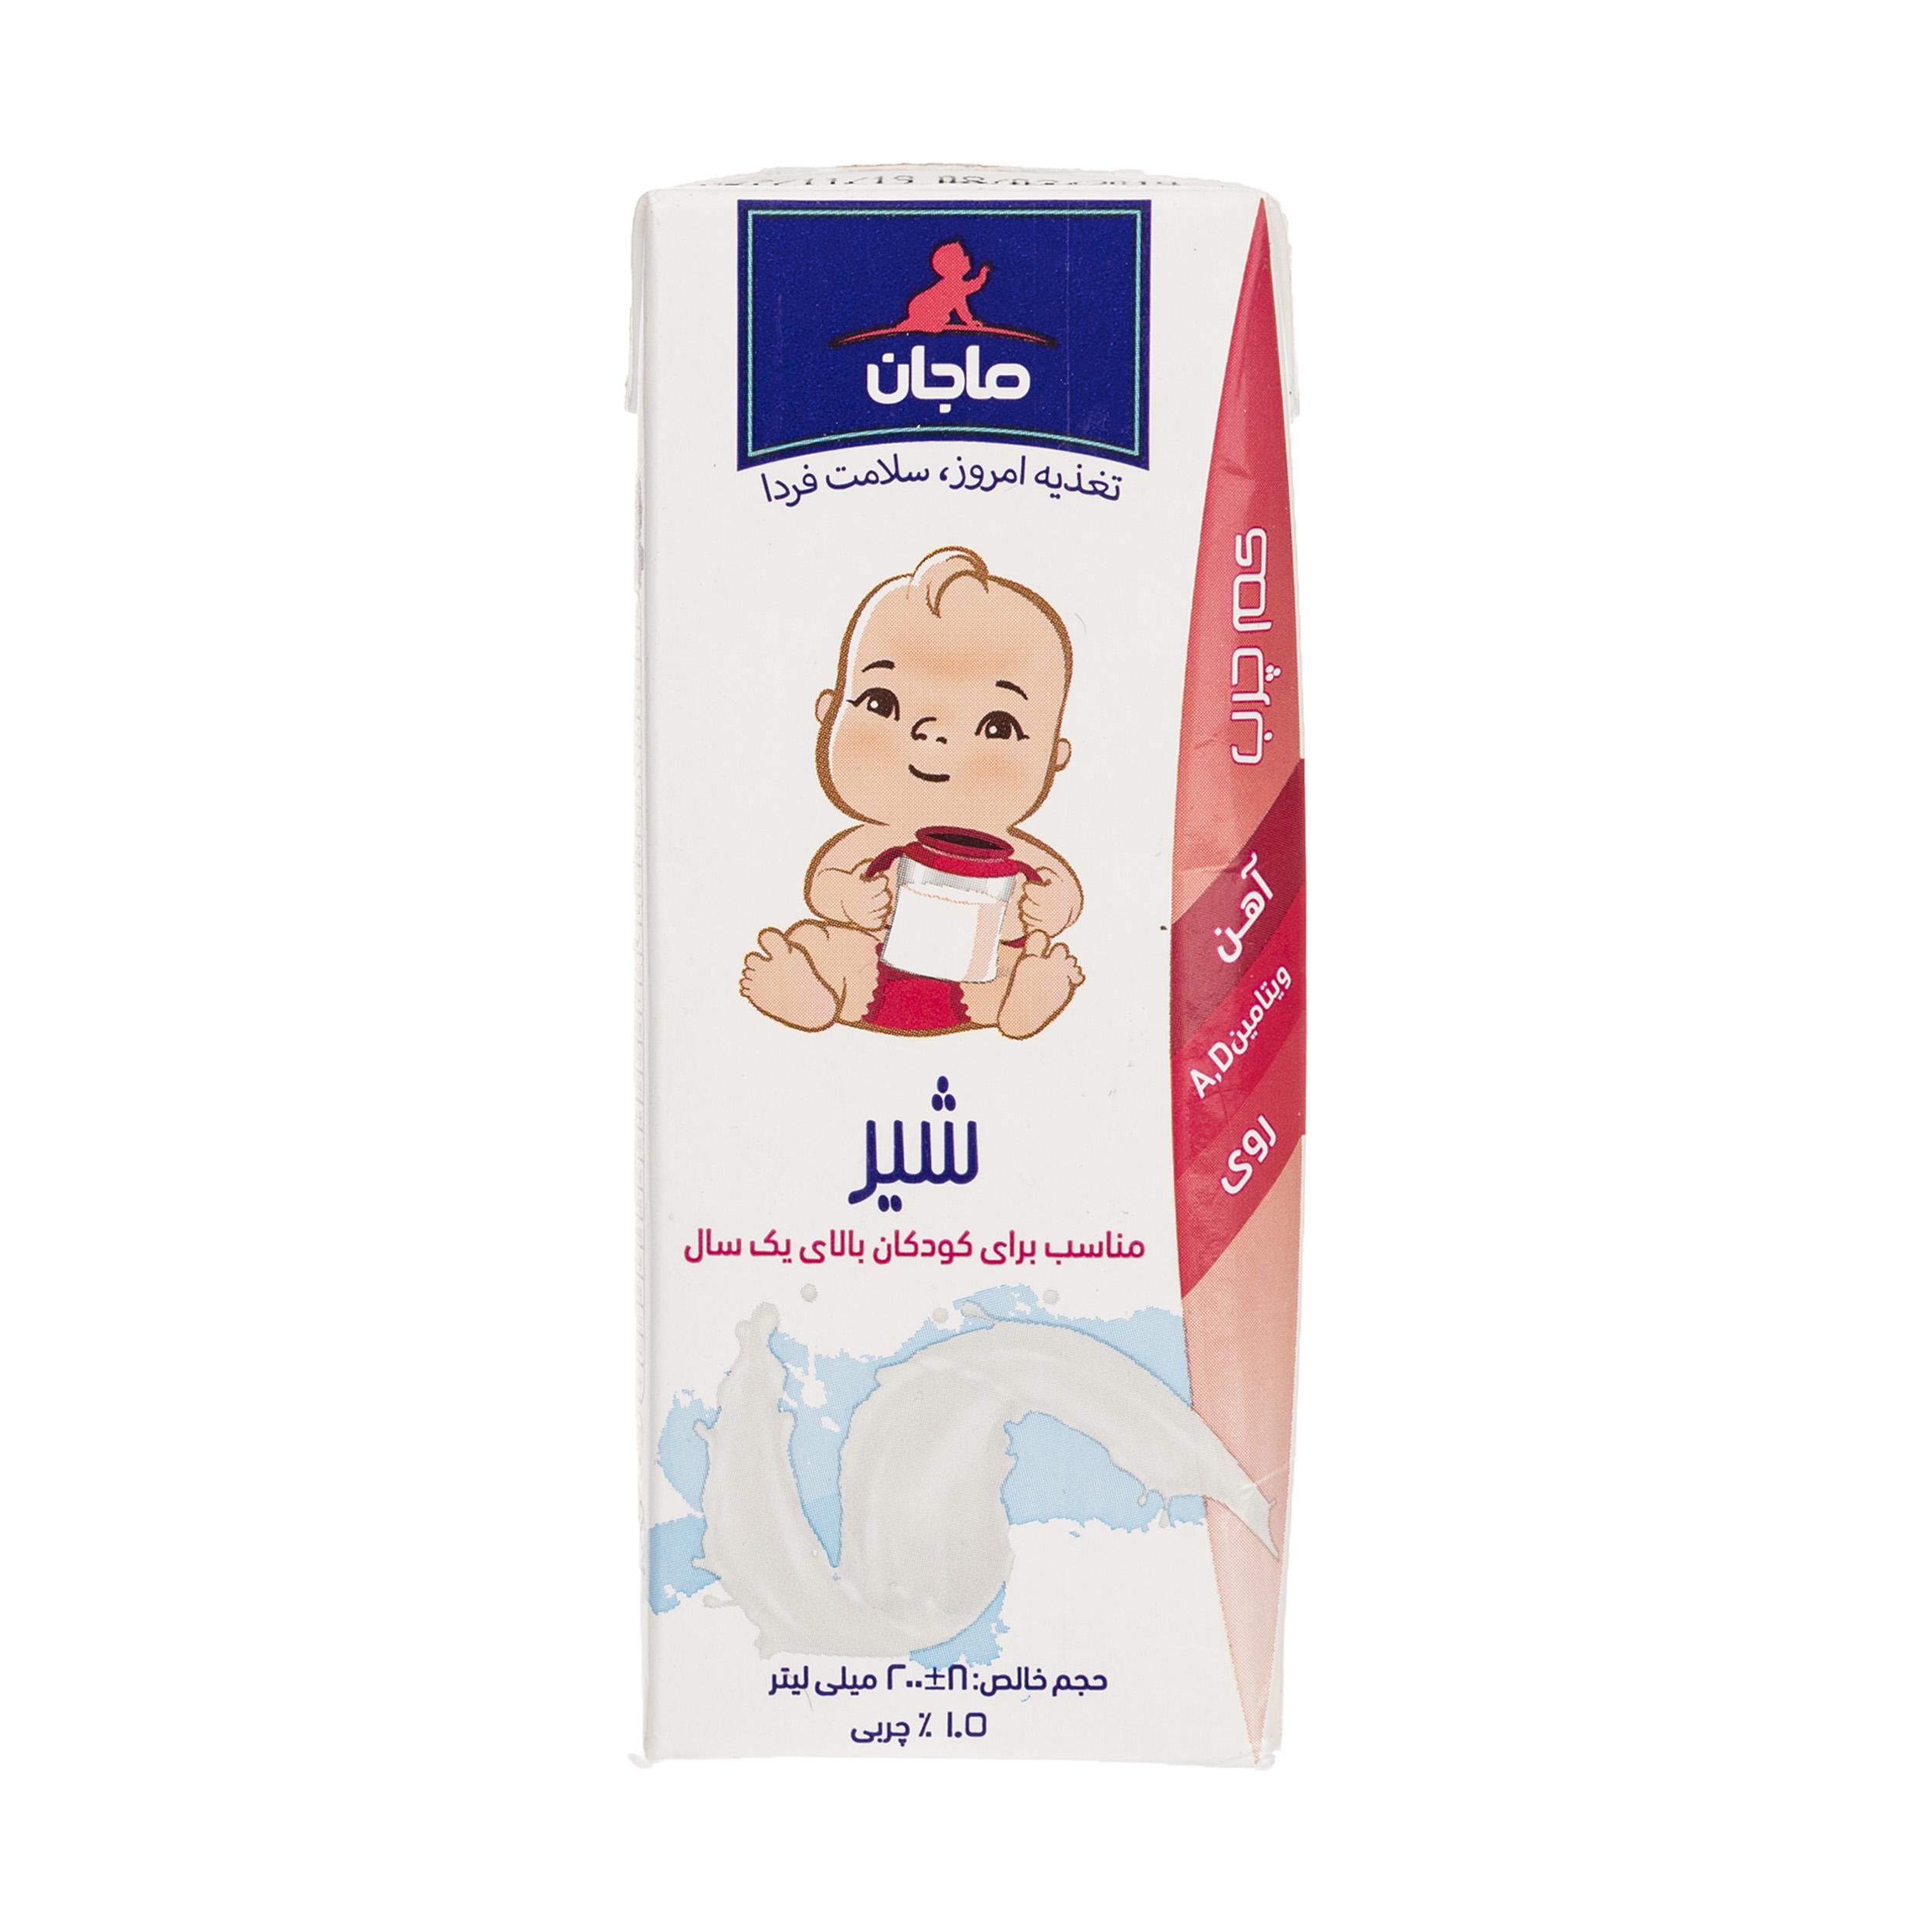 شیر کم چرب غنی شده ماجان کاله مقدار 0.2 لیتر thumb